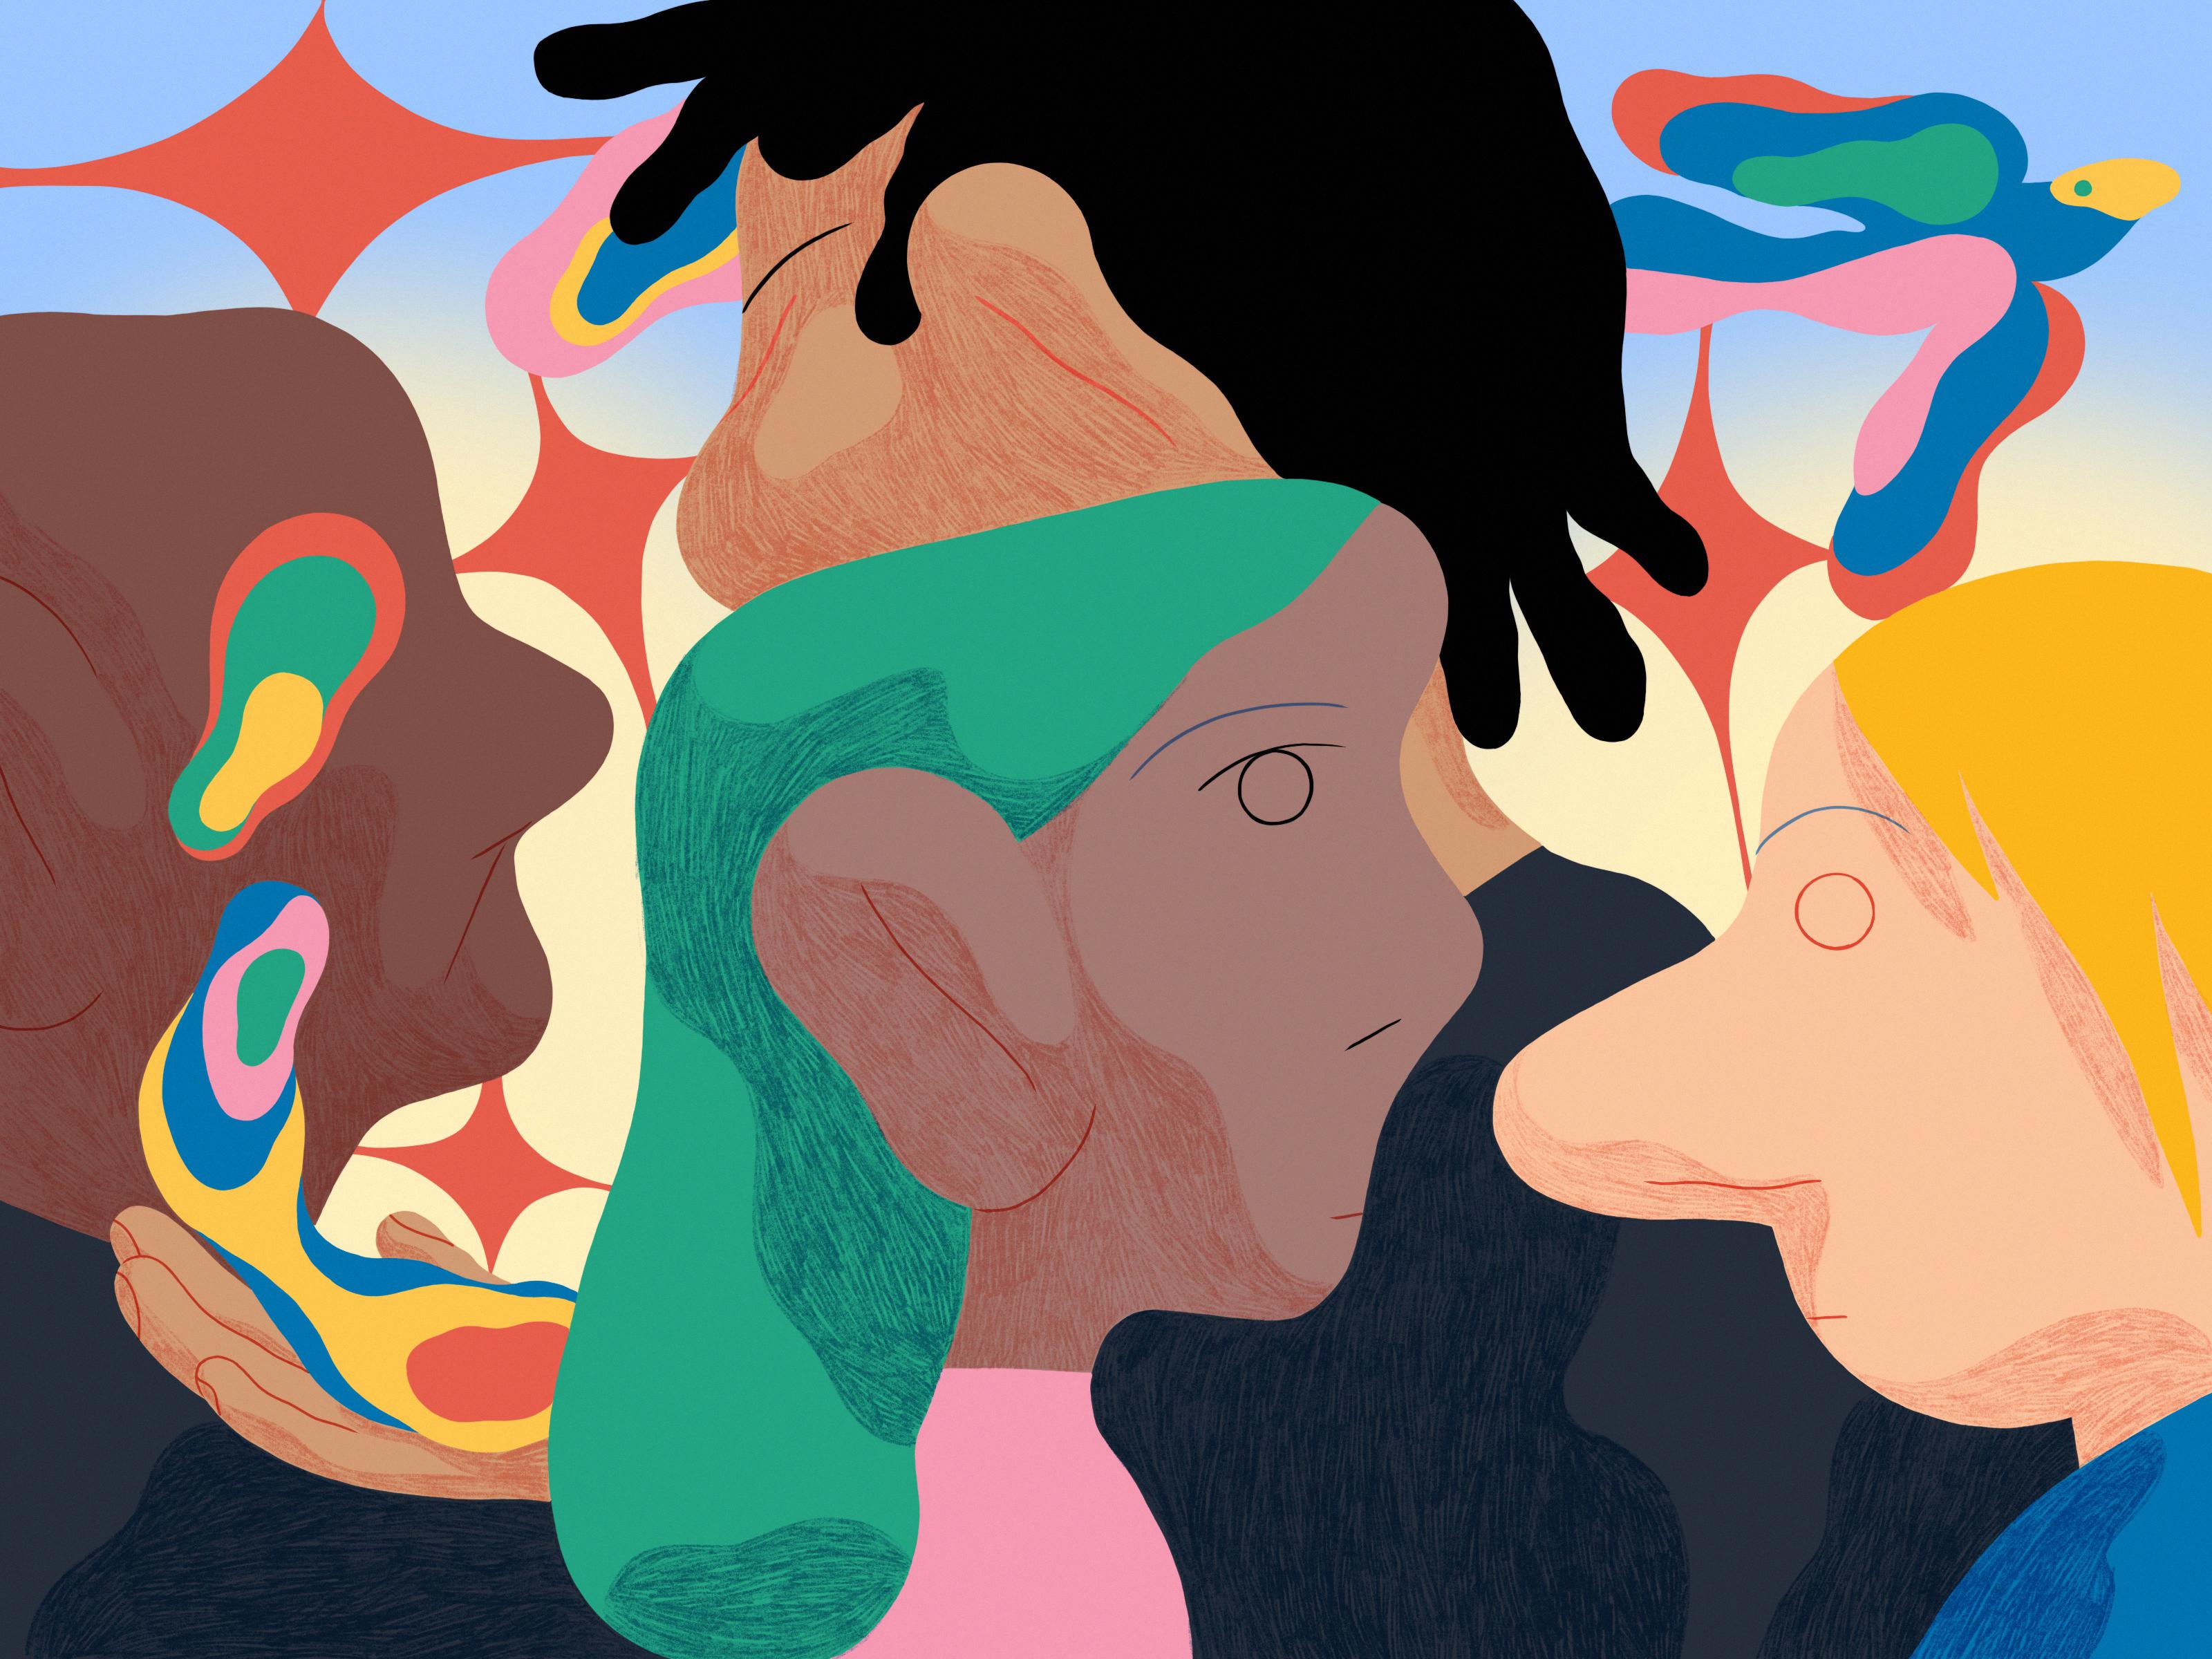 Opiniones sobre la discriminacion homosexual rights